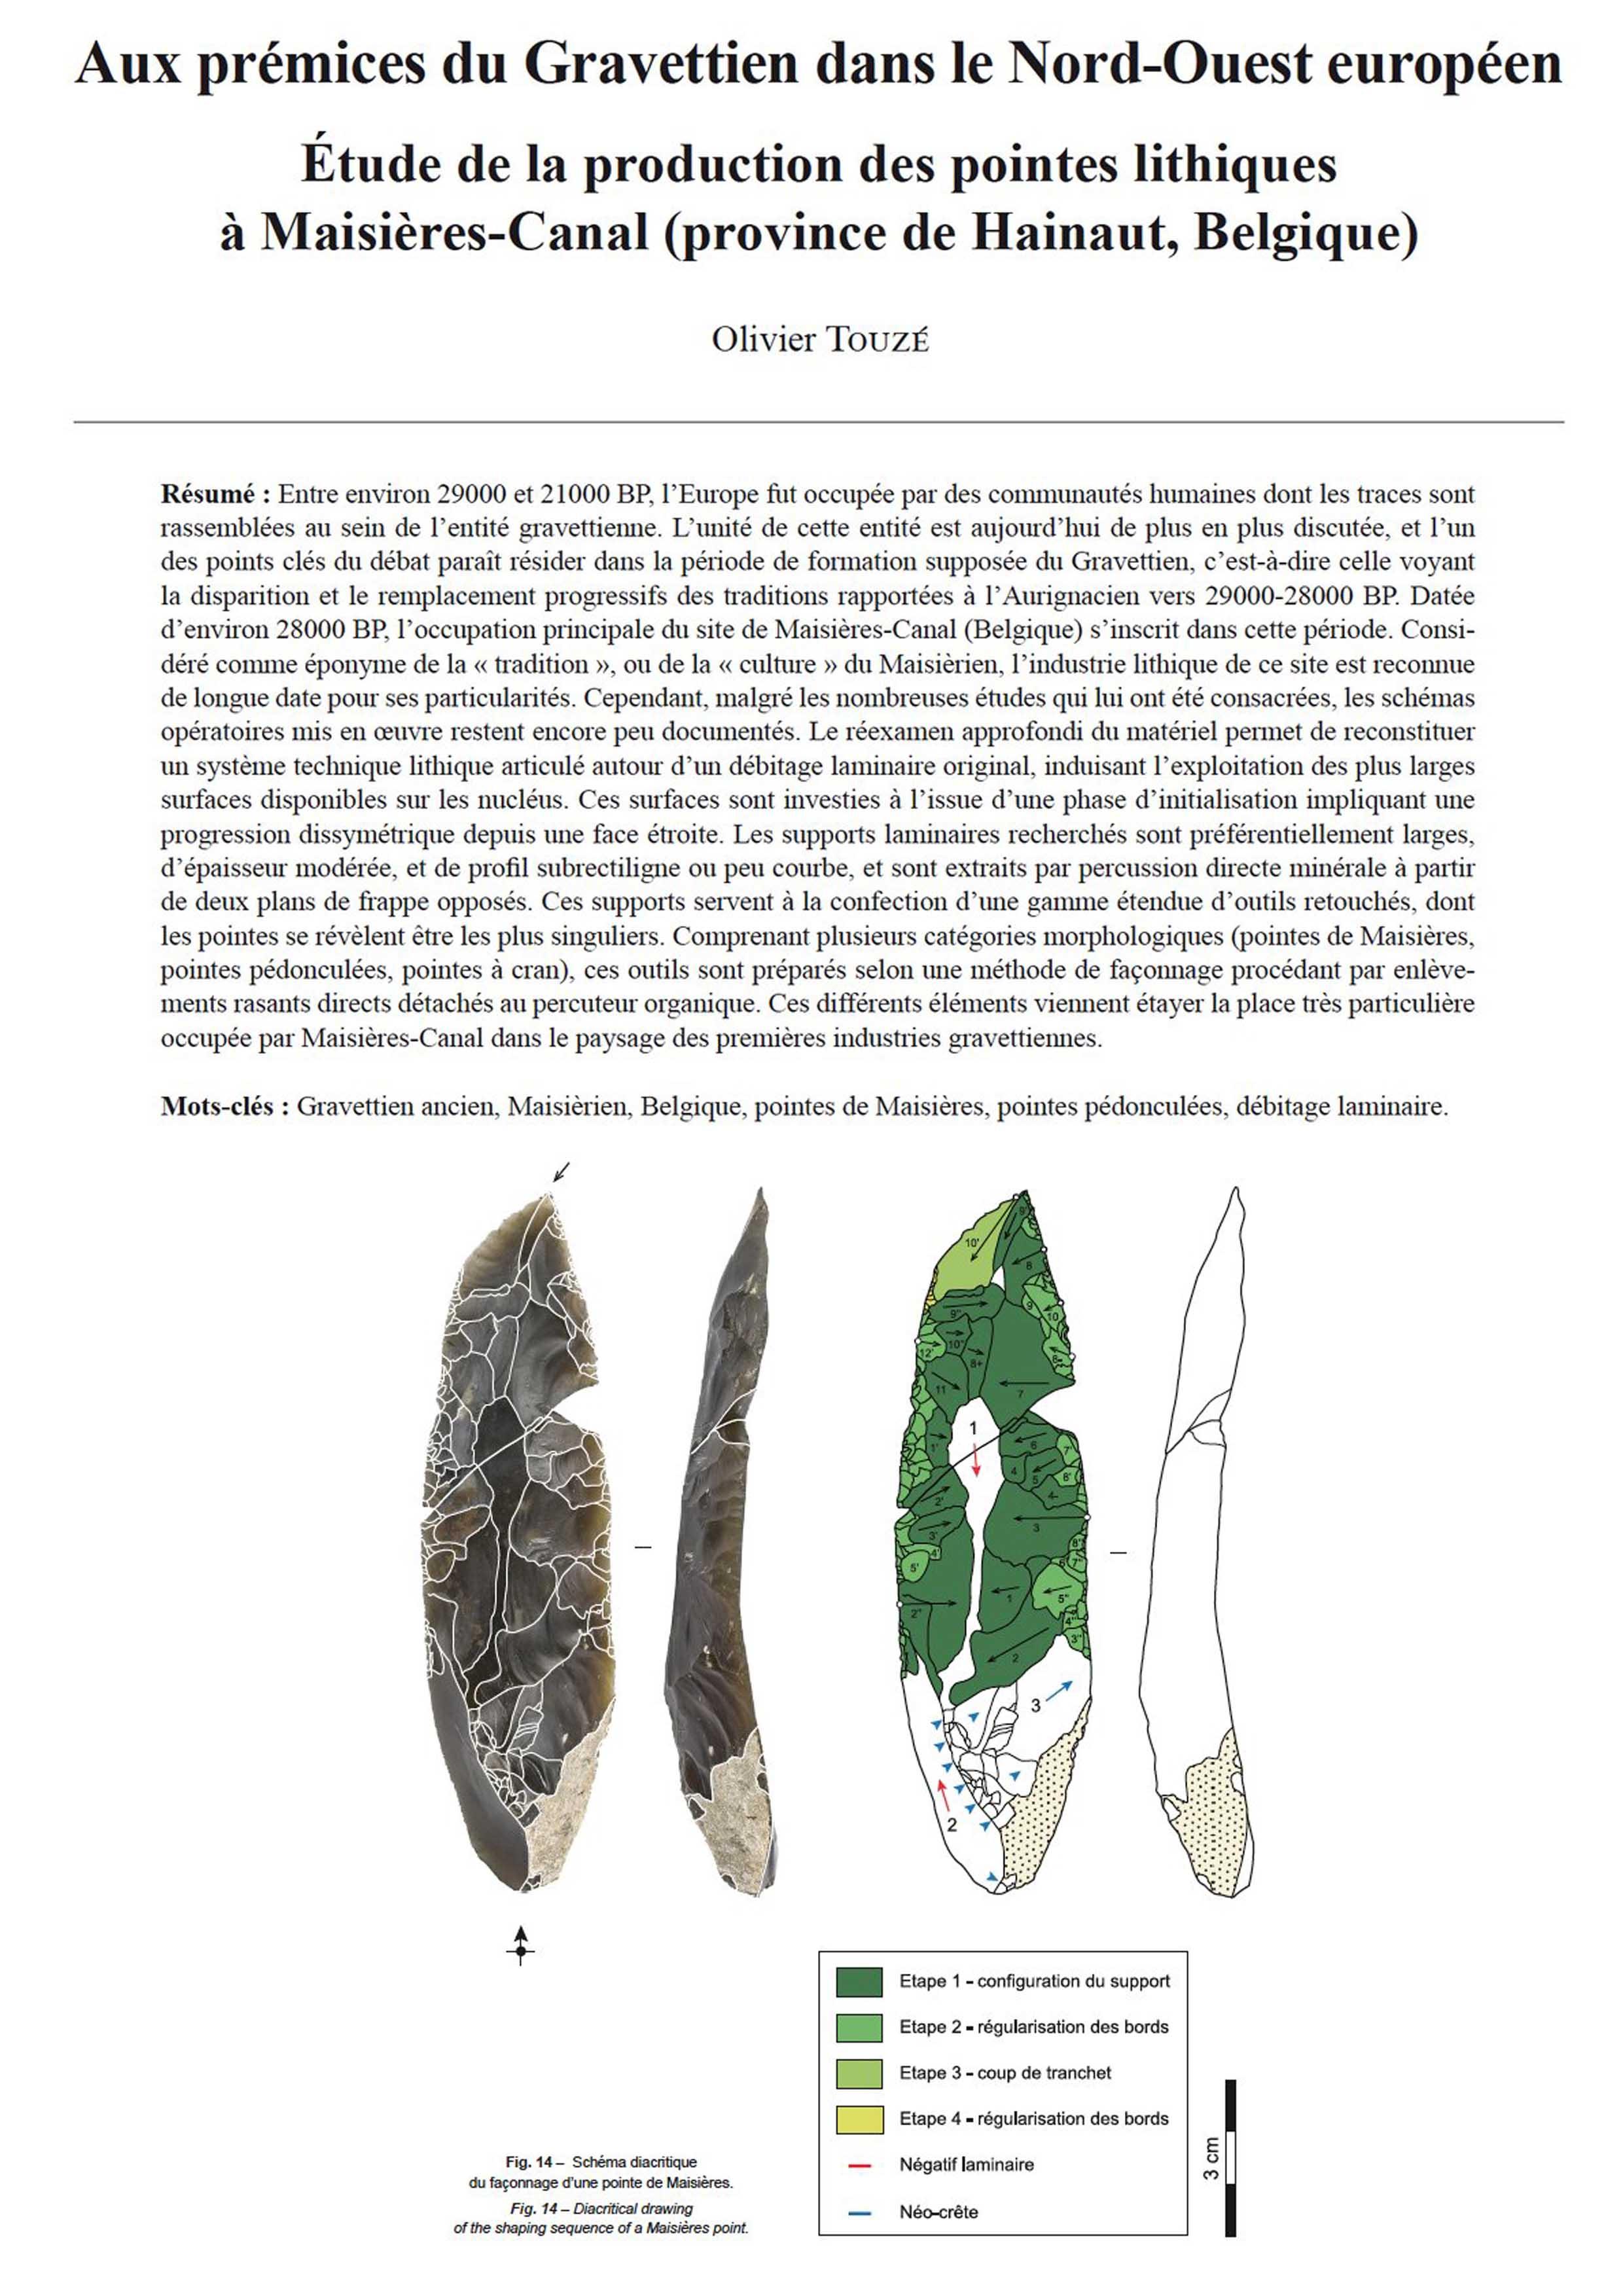 Difference Niveau Entre 2 Pieces 14-2018, tome 115, 3, p. 455-495 - olivier touzÉ – aux prémices du  gravettien dans le nord-ouest européen. etude de la production des pointes